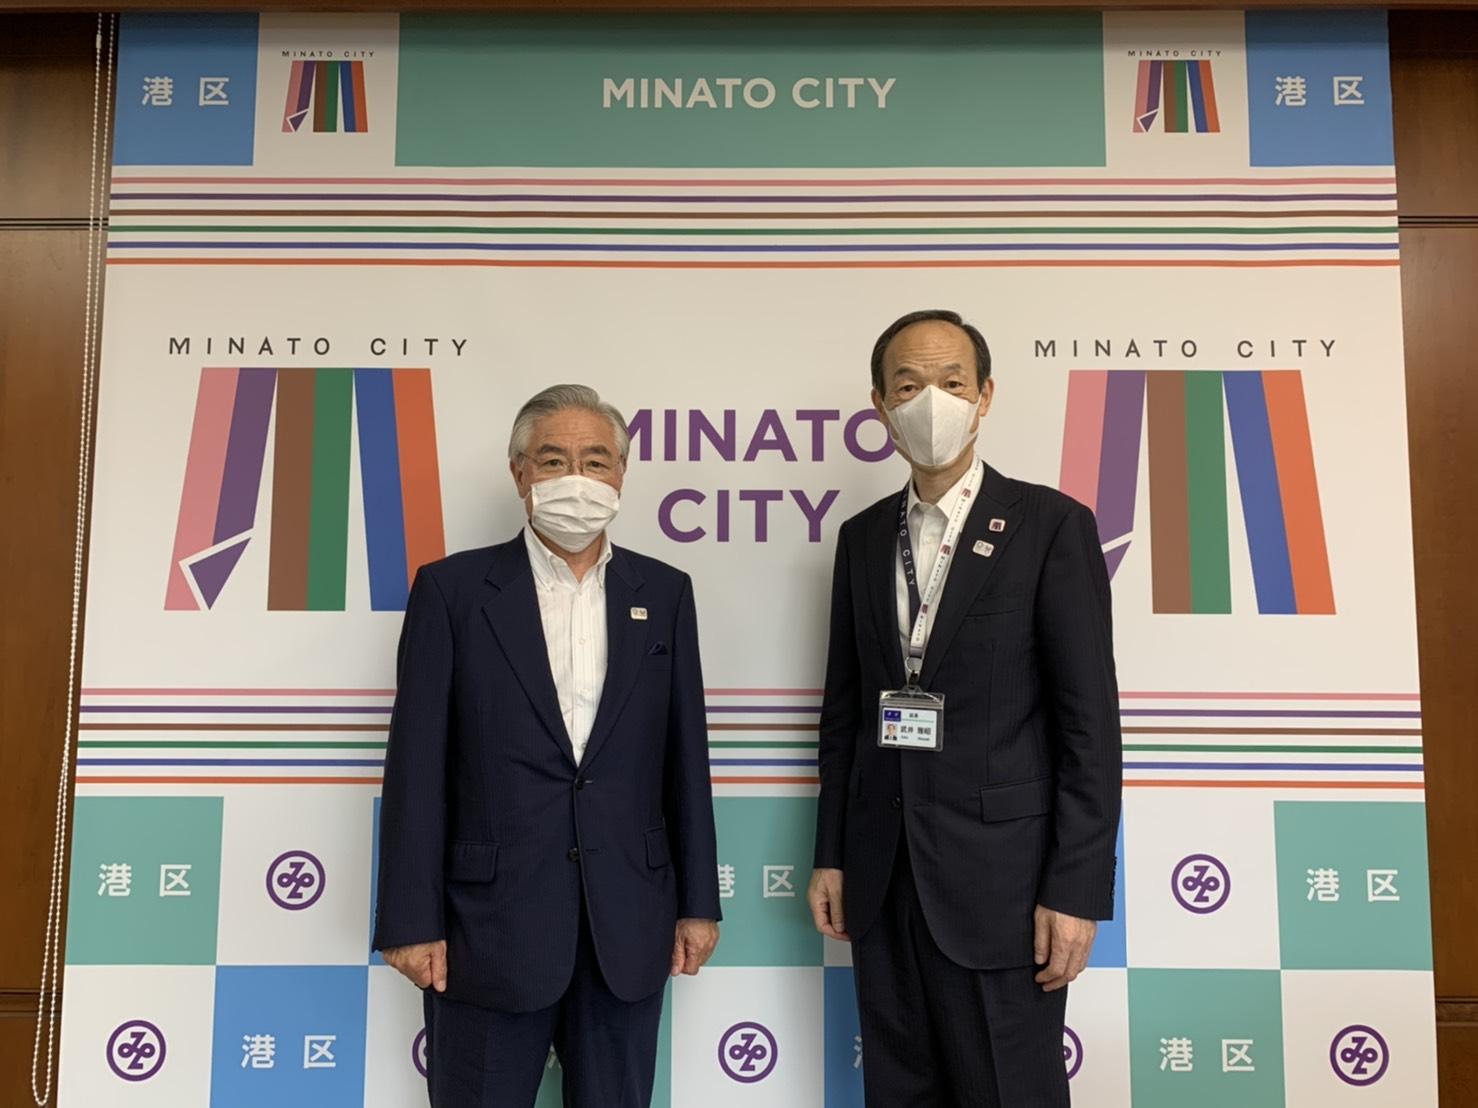 日本トライアスロン連合会長 港区へ表敬訪問